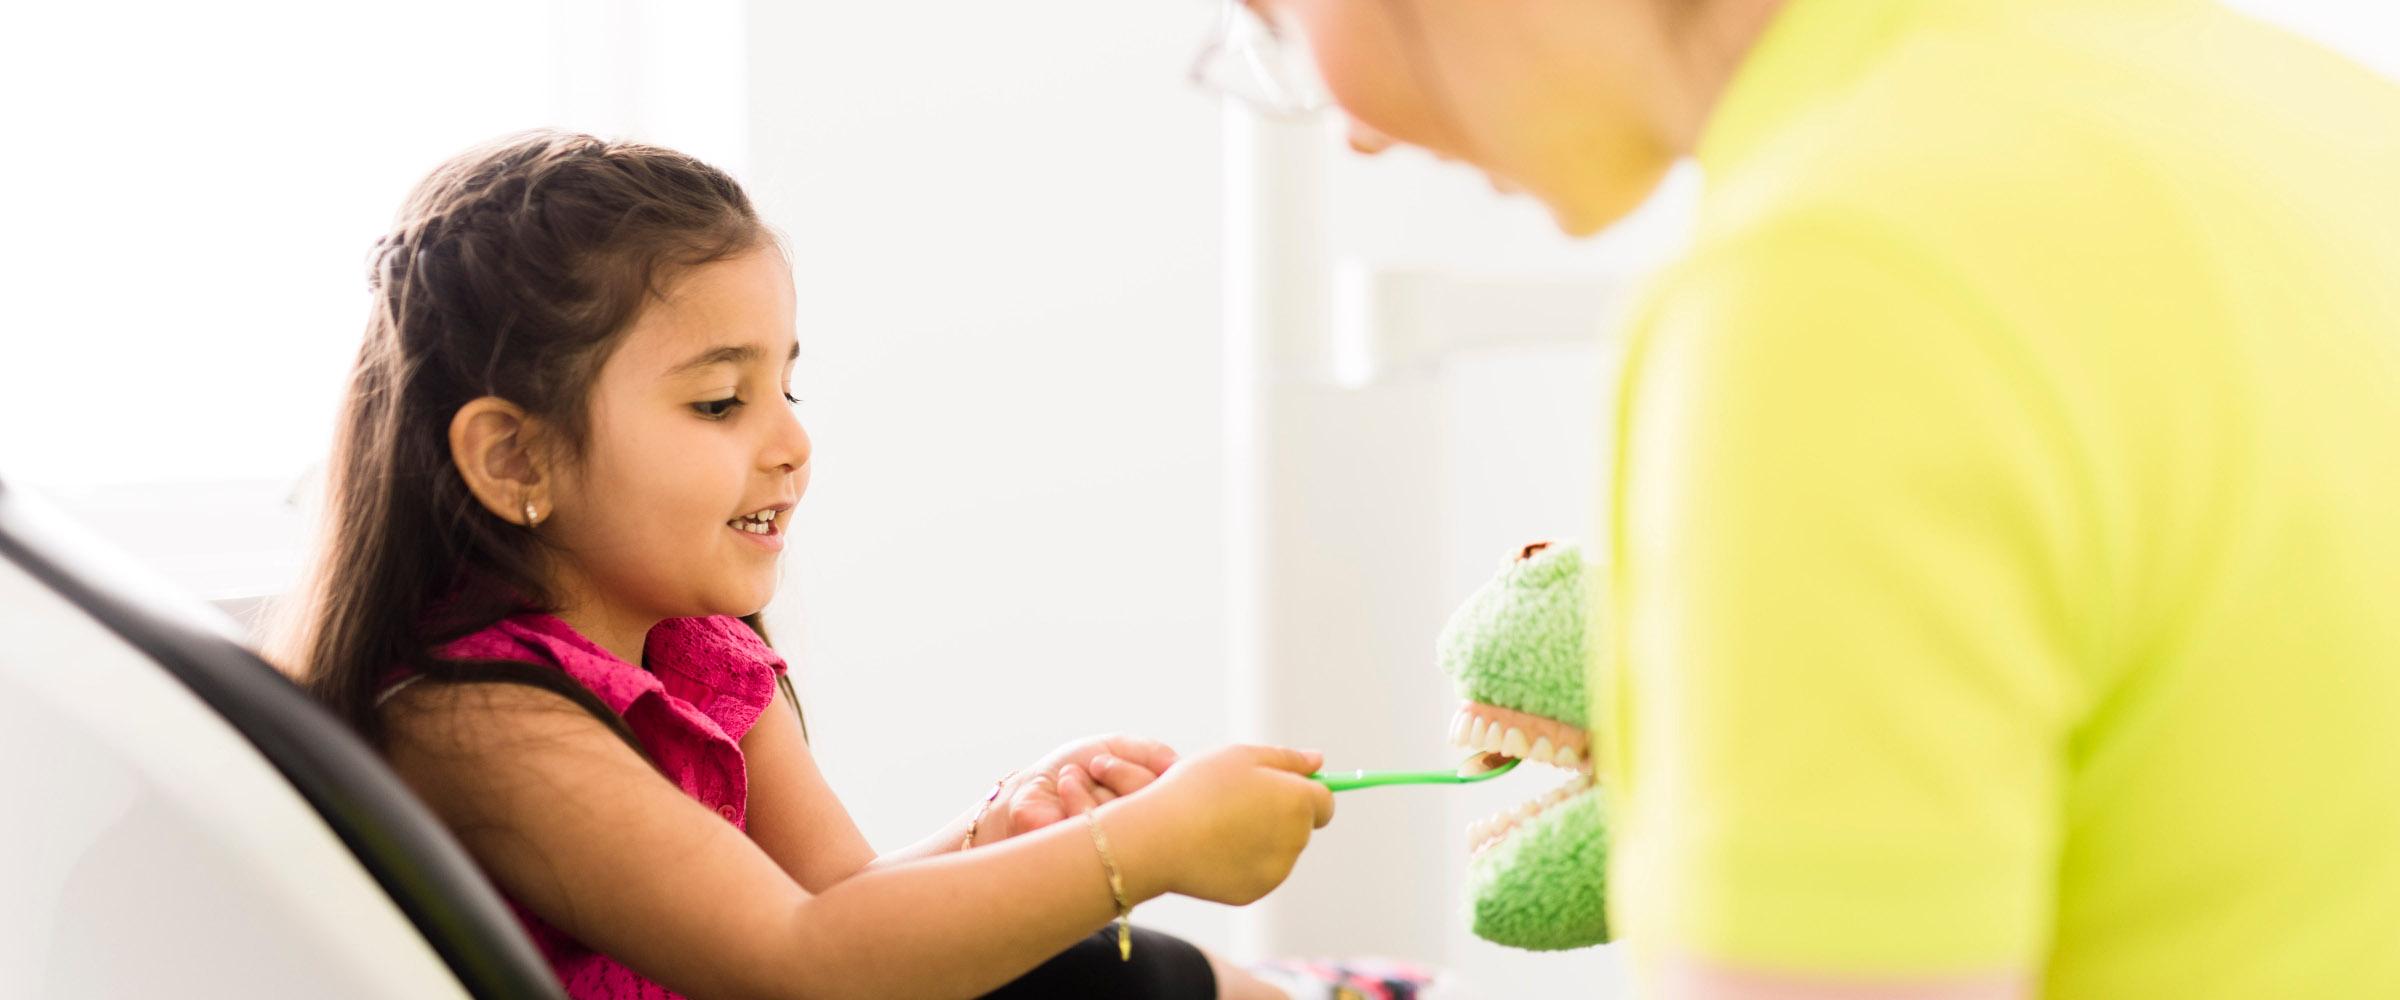 Vorsorge: Kind lernt spielend, wie man richtig die Zähne pflegt